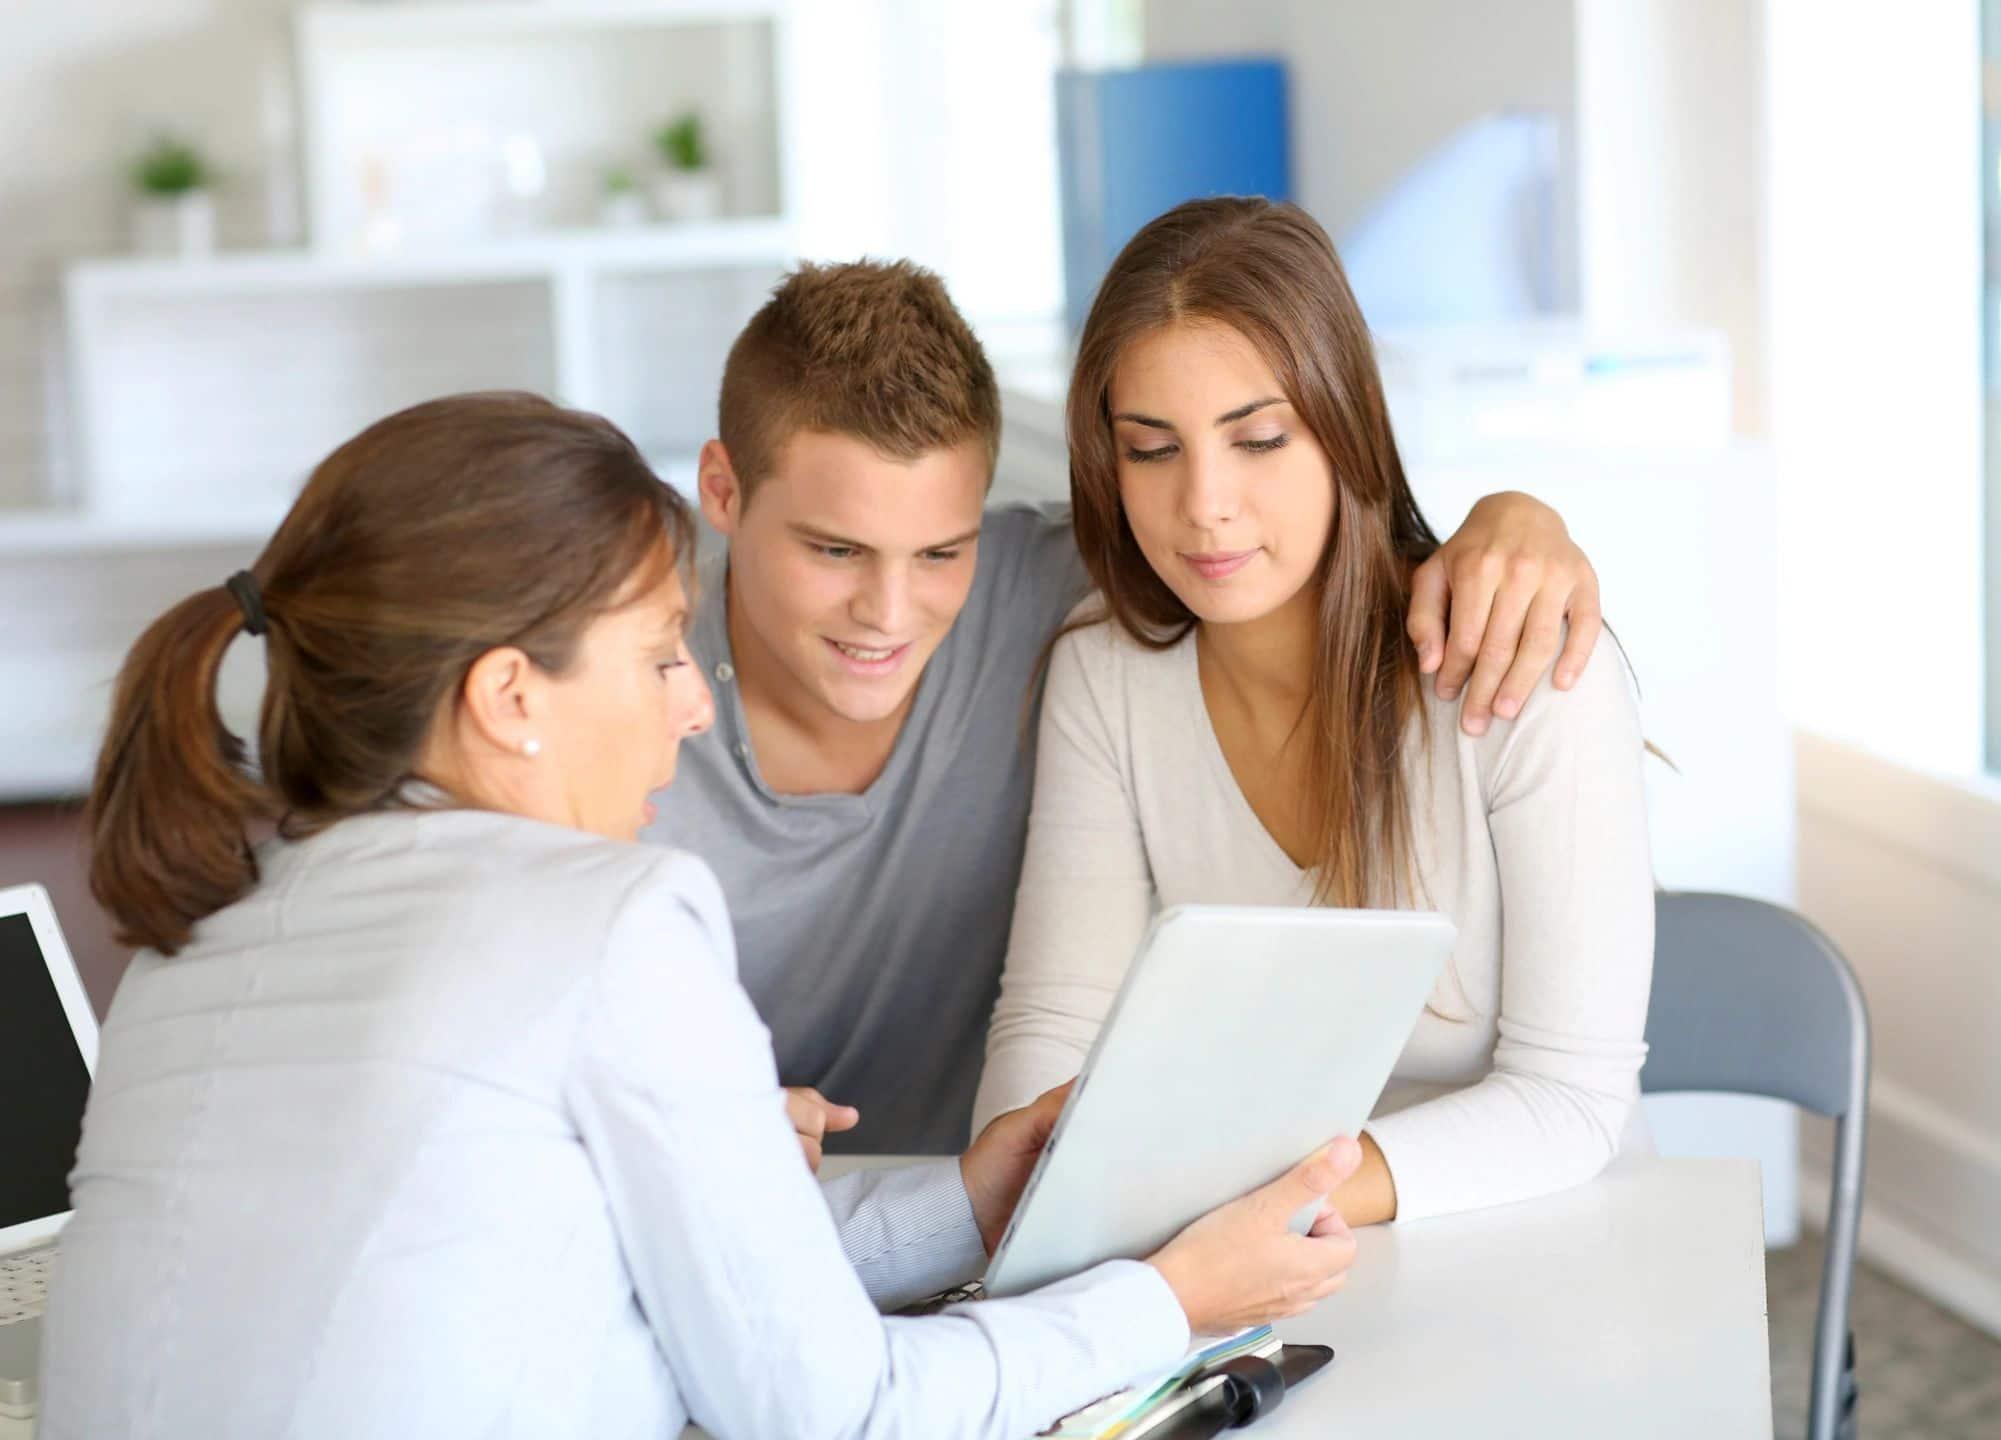 Business Appraisal Vs. Real Estate Appraisal